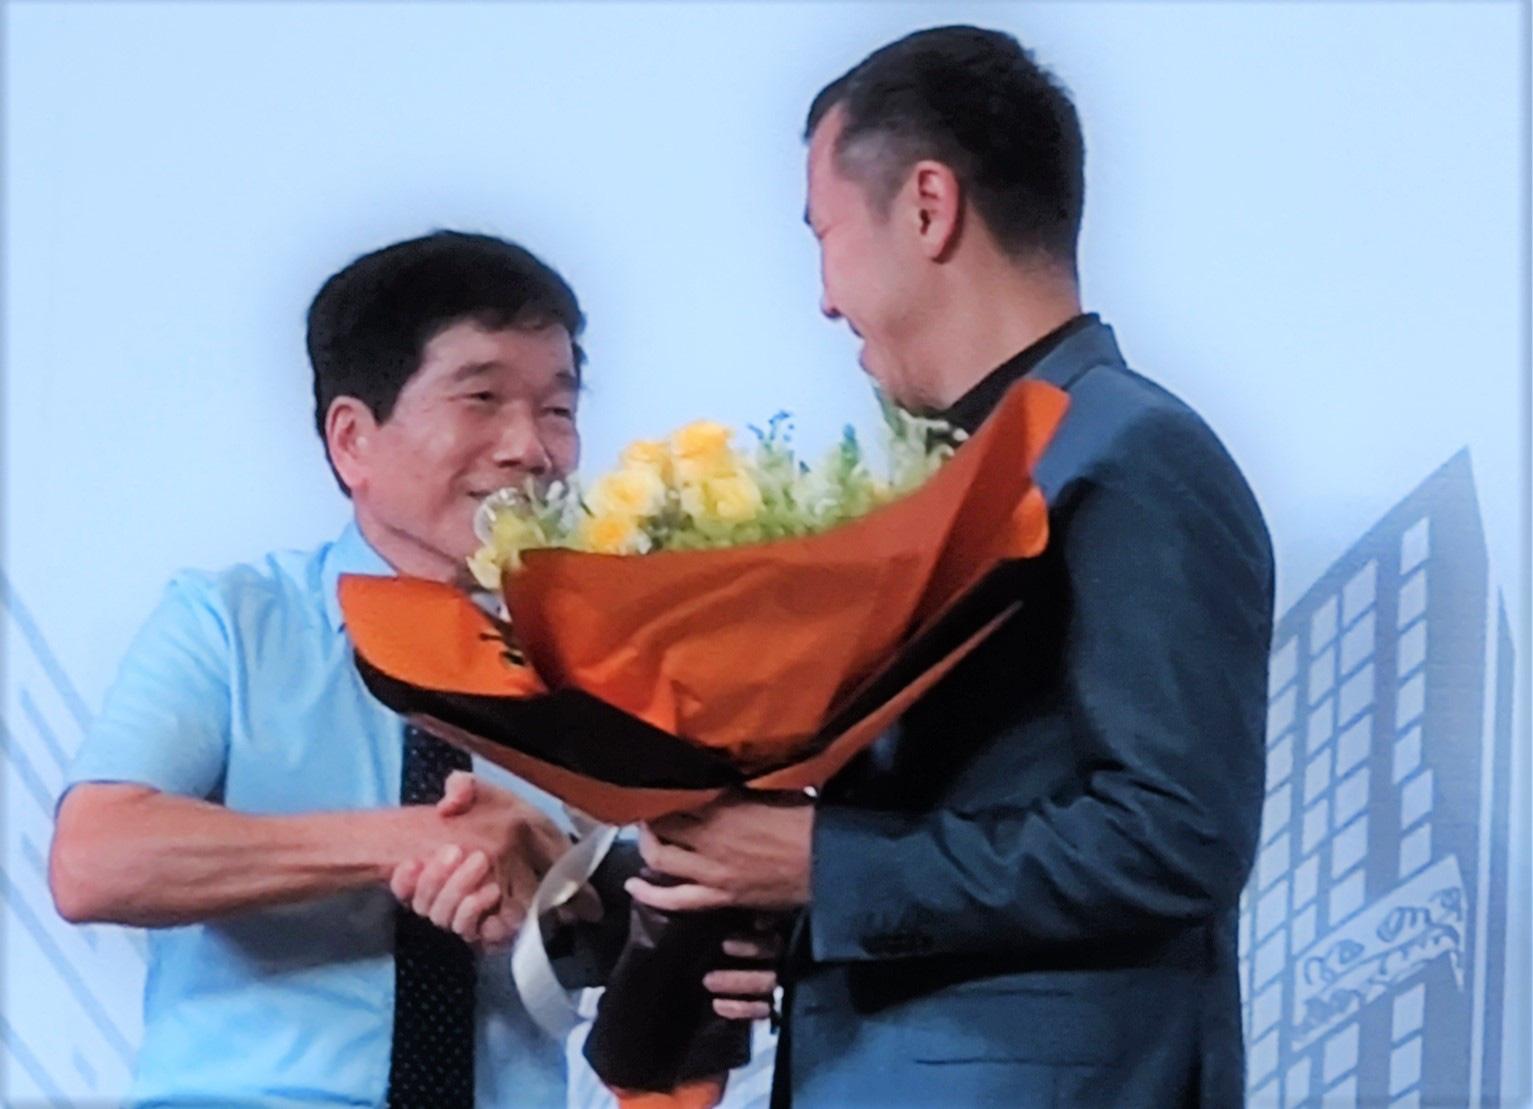 Ông Nguyễn Quốc Hiệp (trái) tặng hoa chúc mừng vị trí thành viên HĐQT nhiệm kỳ 2017 - 2021 của ông Bolat Duisenov. Ảnh: Song Minh